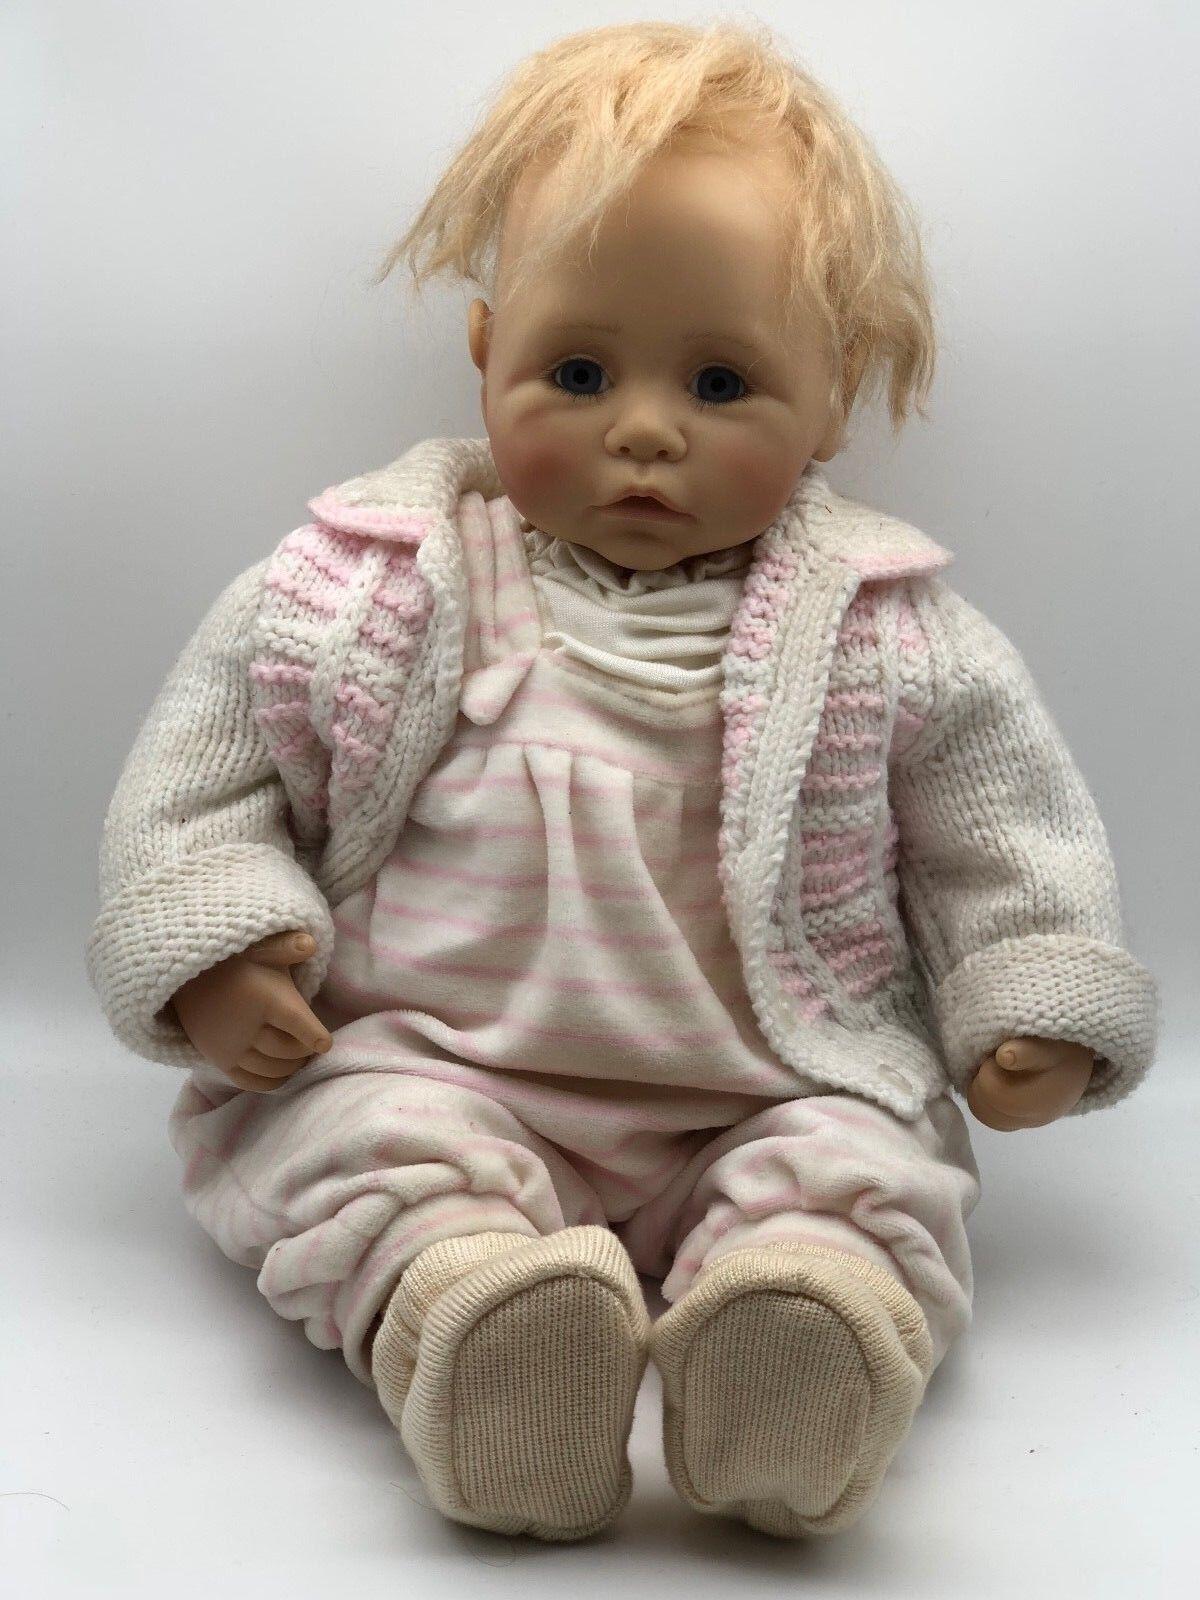 Brigitte Leuomo vinile  bambola 56 CM. OTTIMO stato  per offrirti un piacevole shopping online